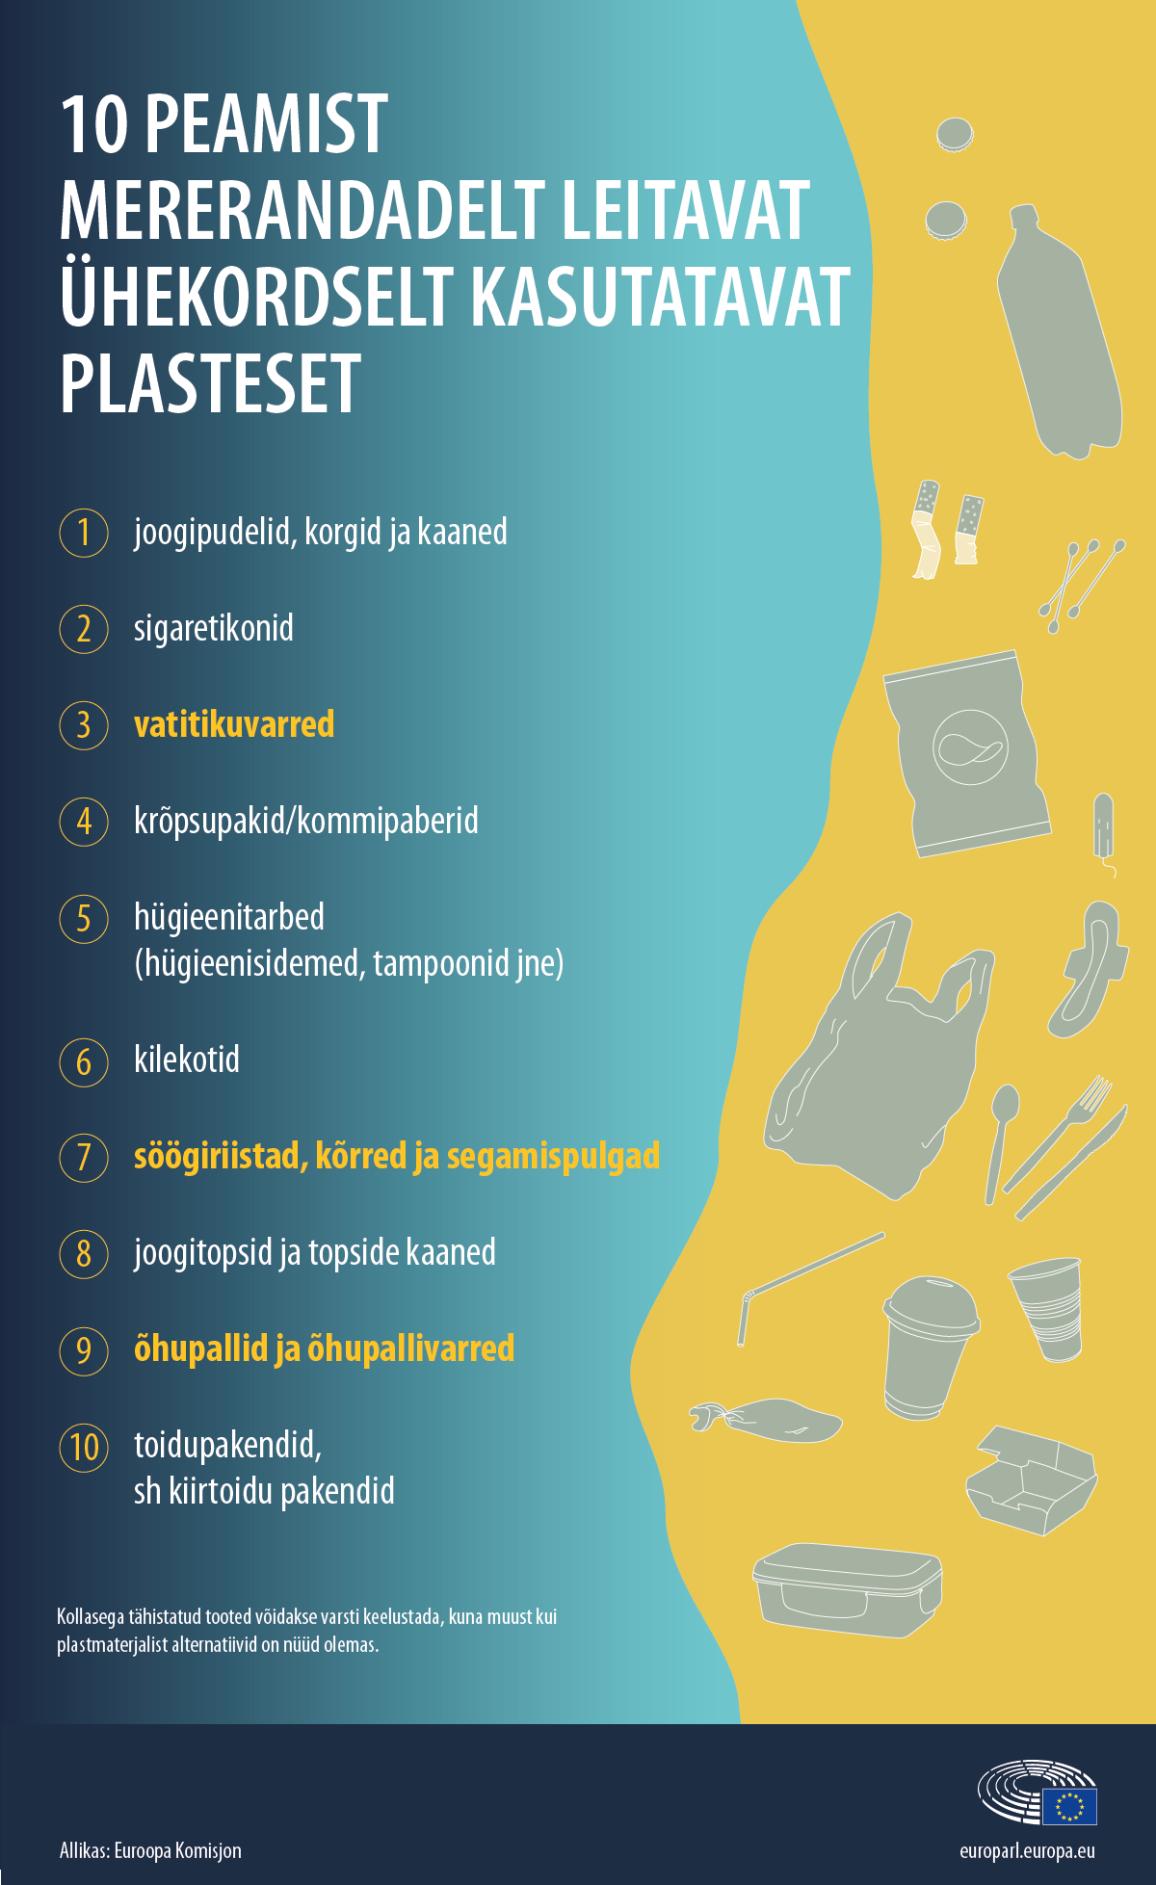 Nimekiri kümnest kõige sagedamini rannast leitavast ühekordselt kasutatavast plastesemest